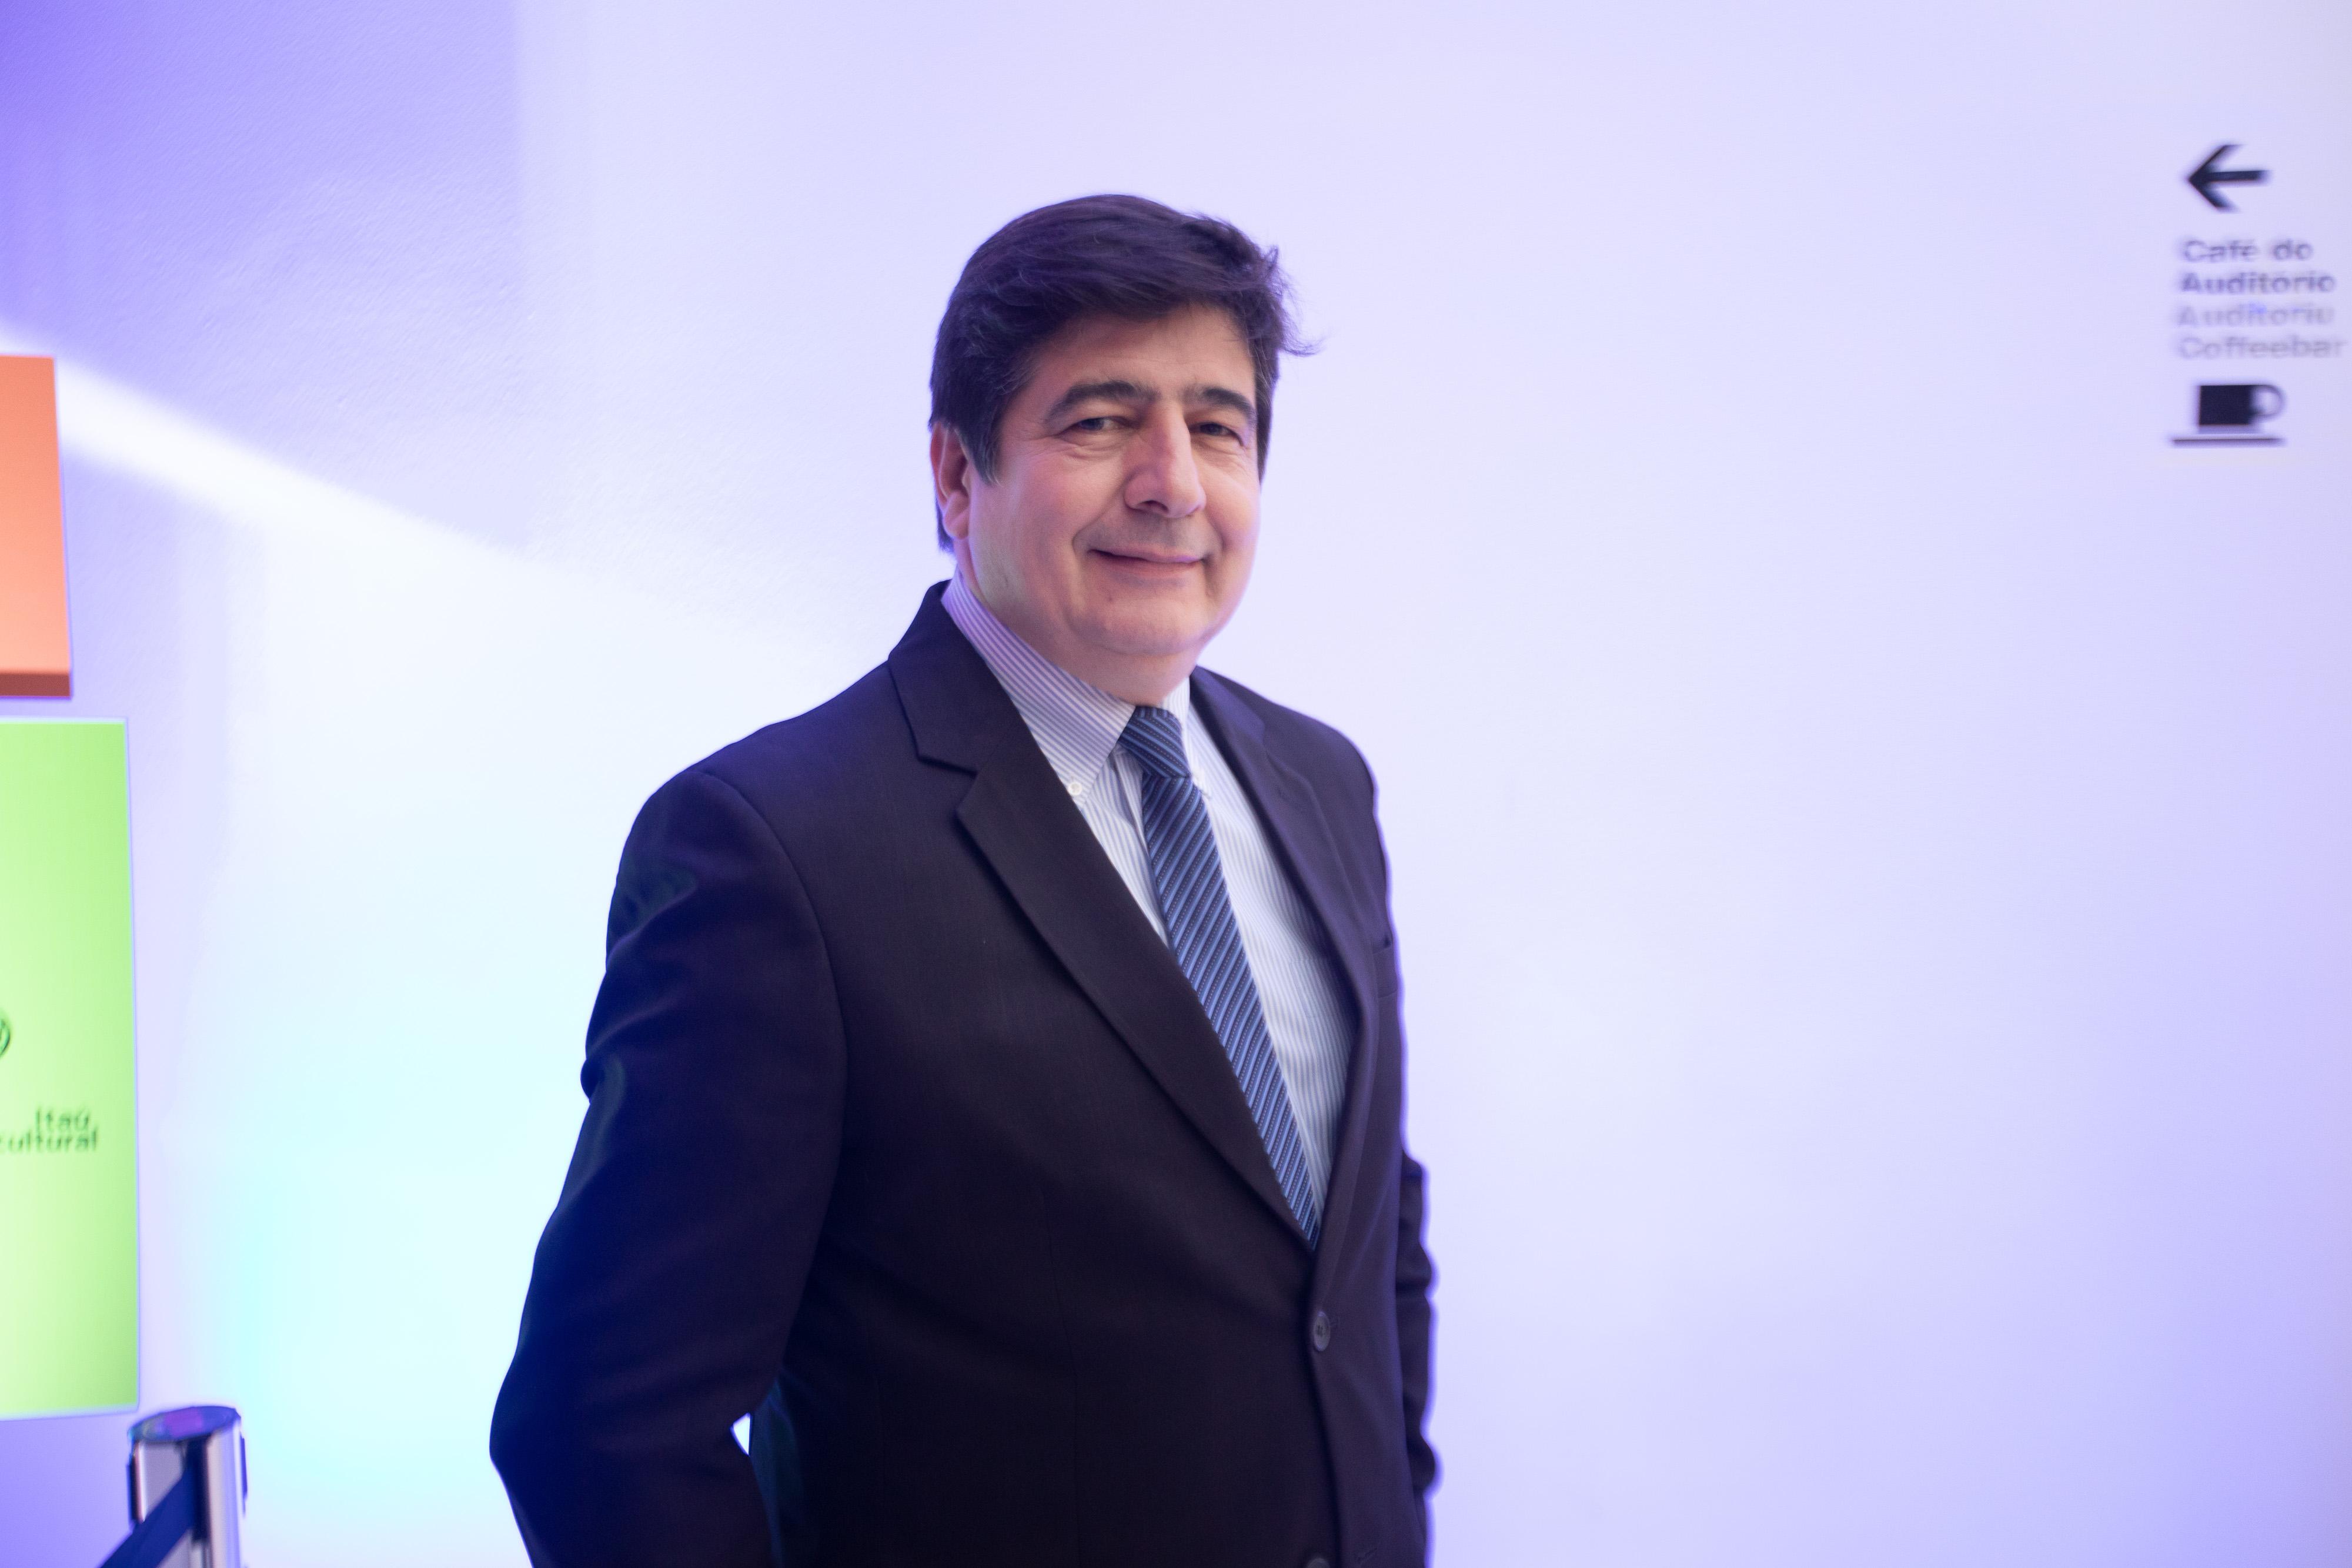 Vitor Tavares é o novo presidente da Câmara Brasileira do Livro